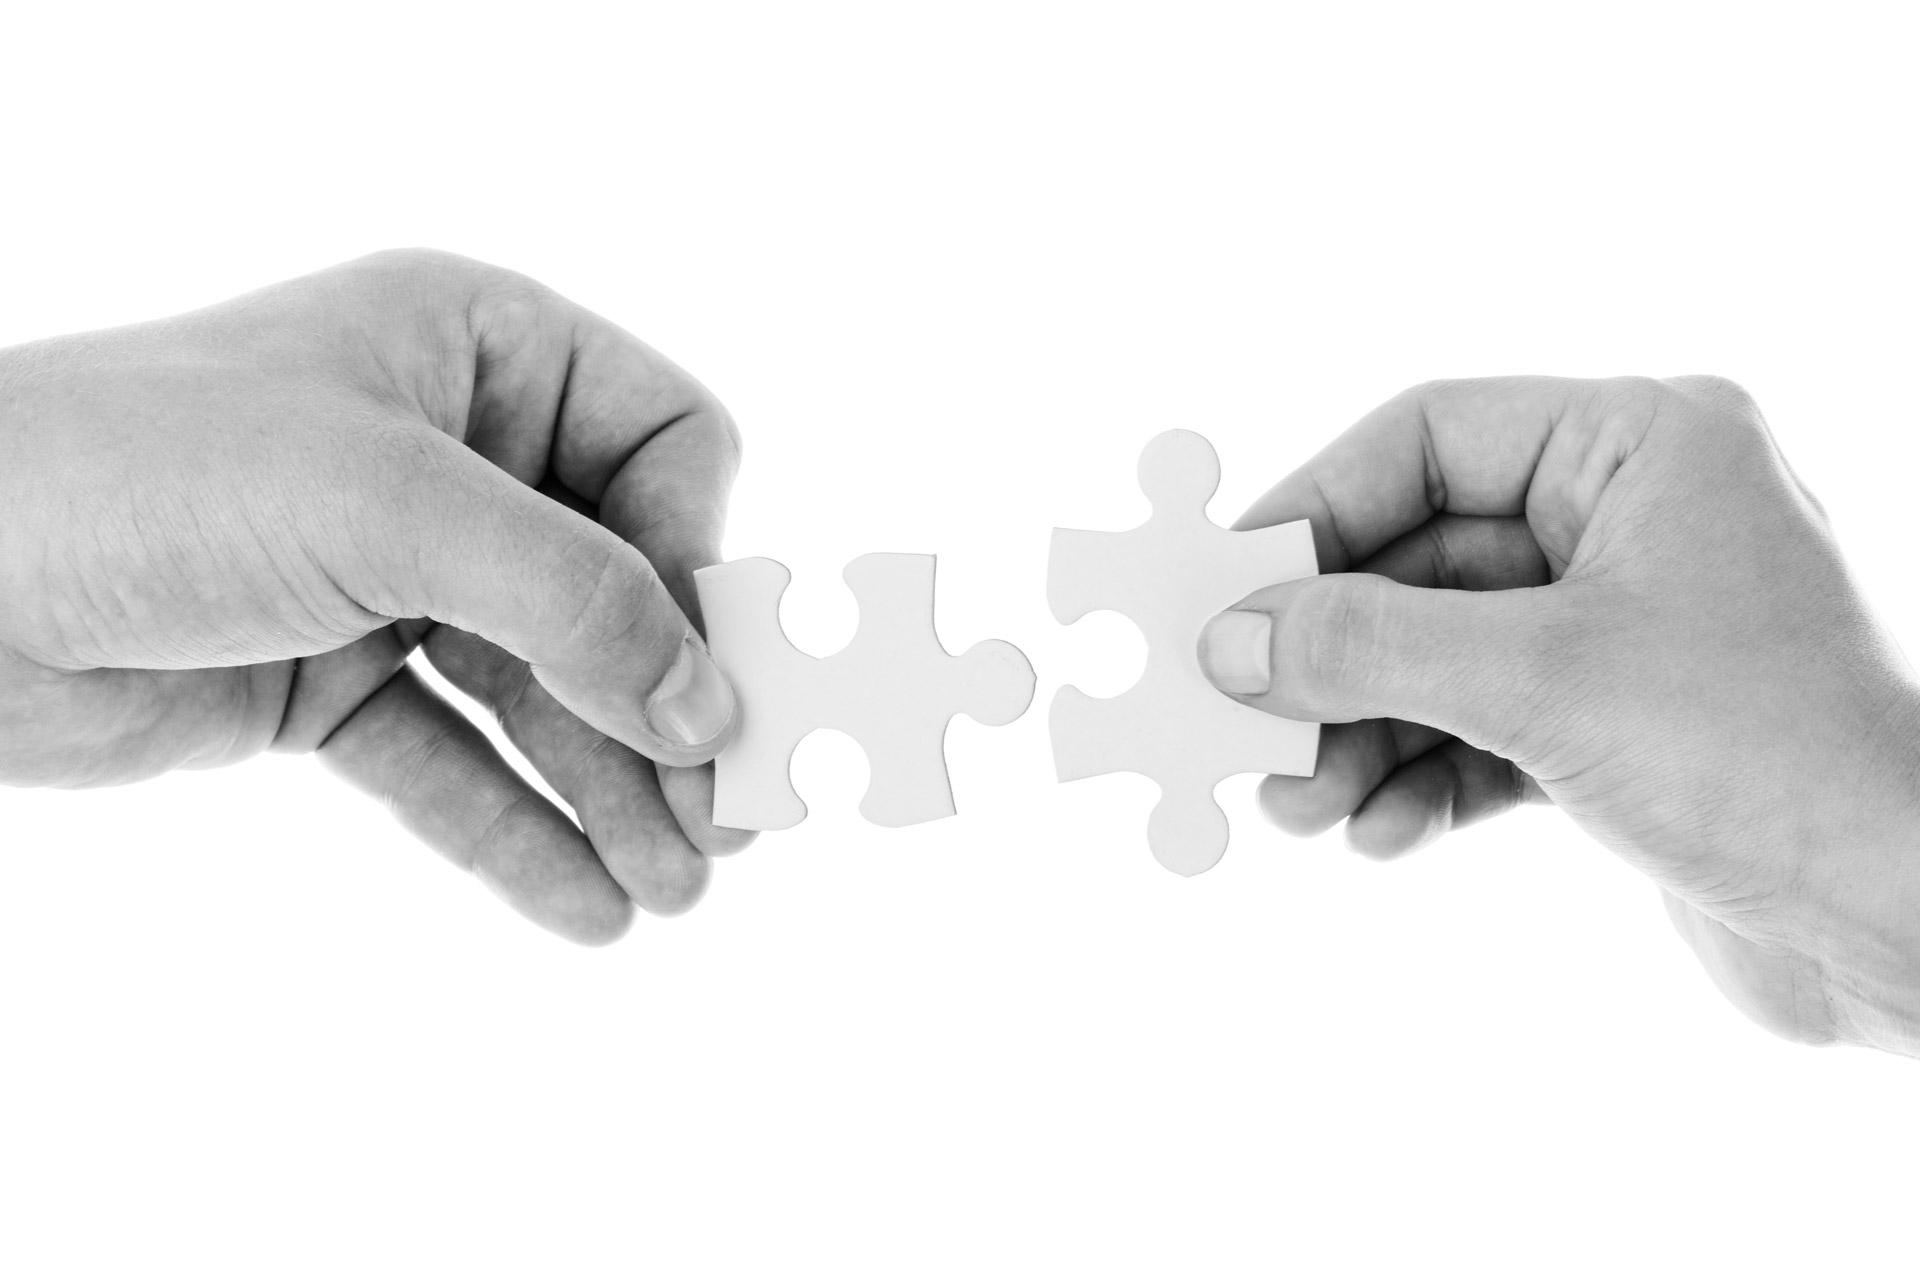 La coherencia: un gran reto en la comunicación